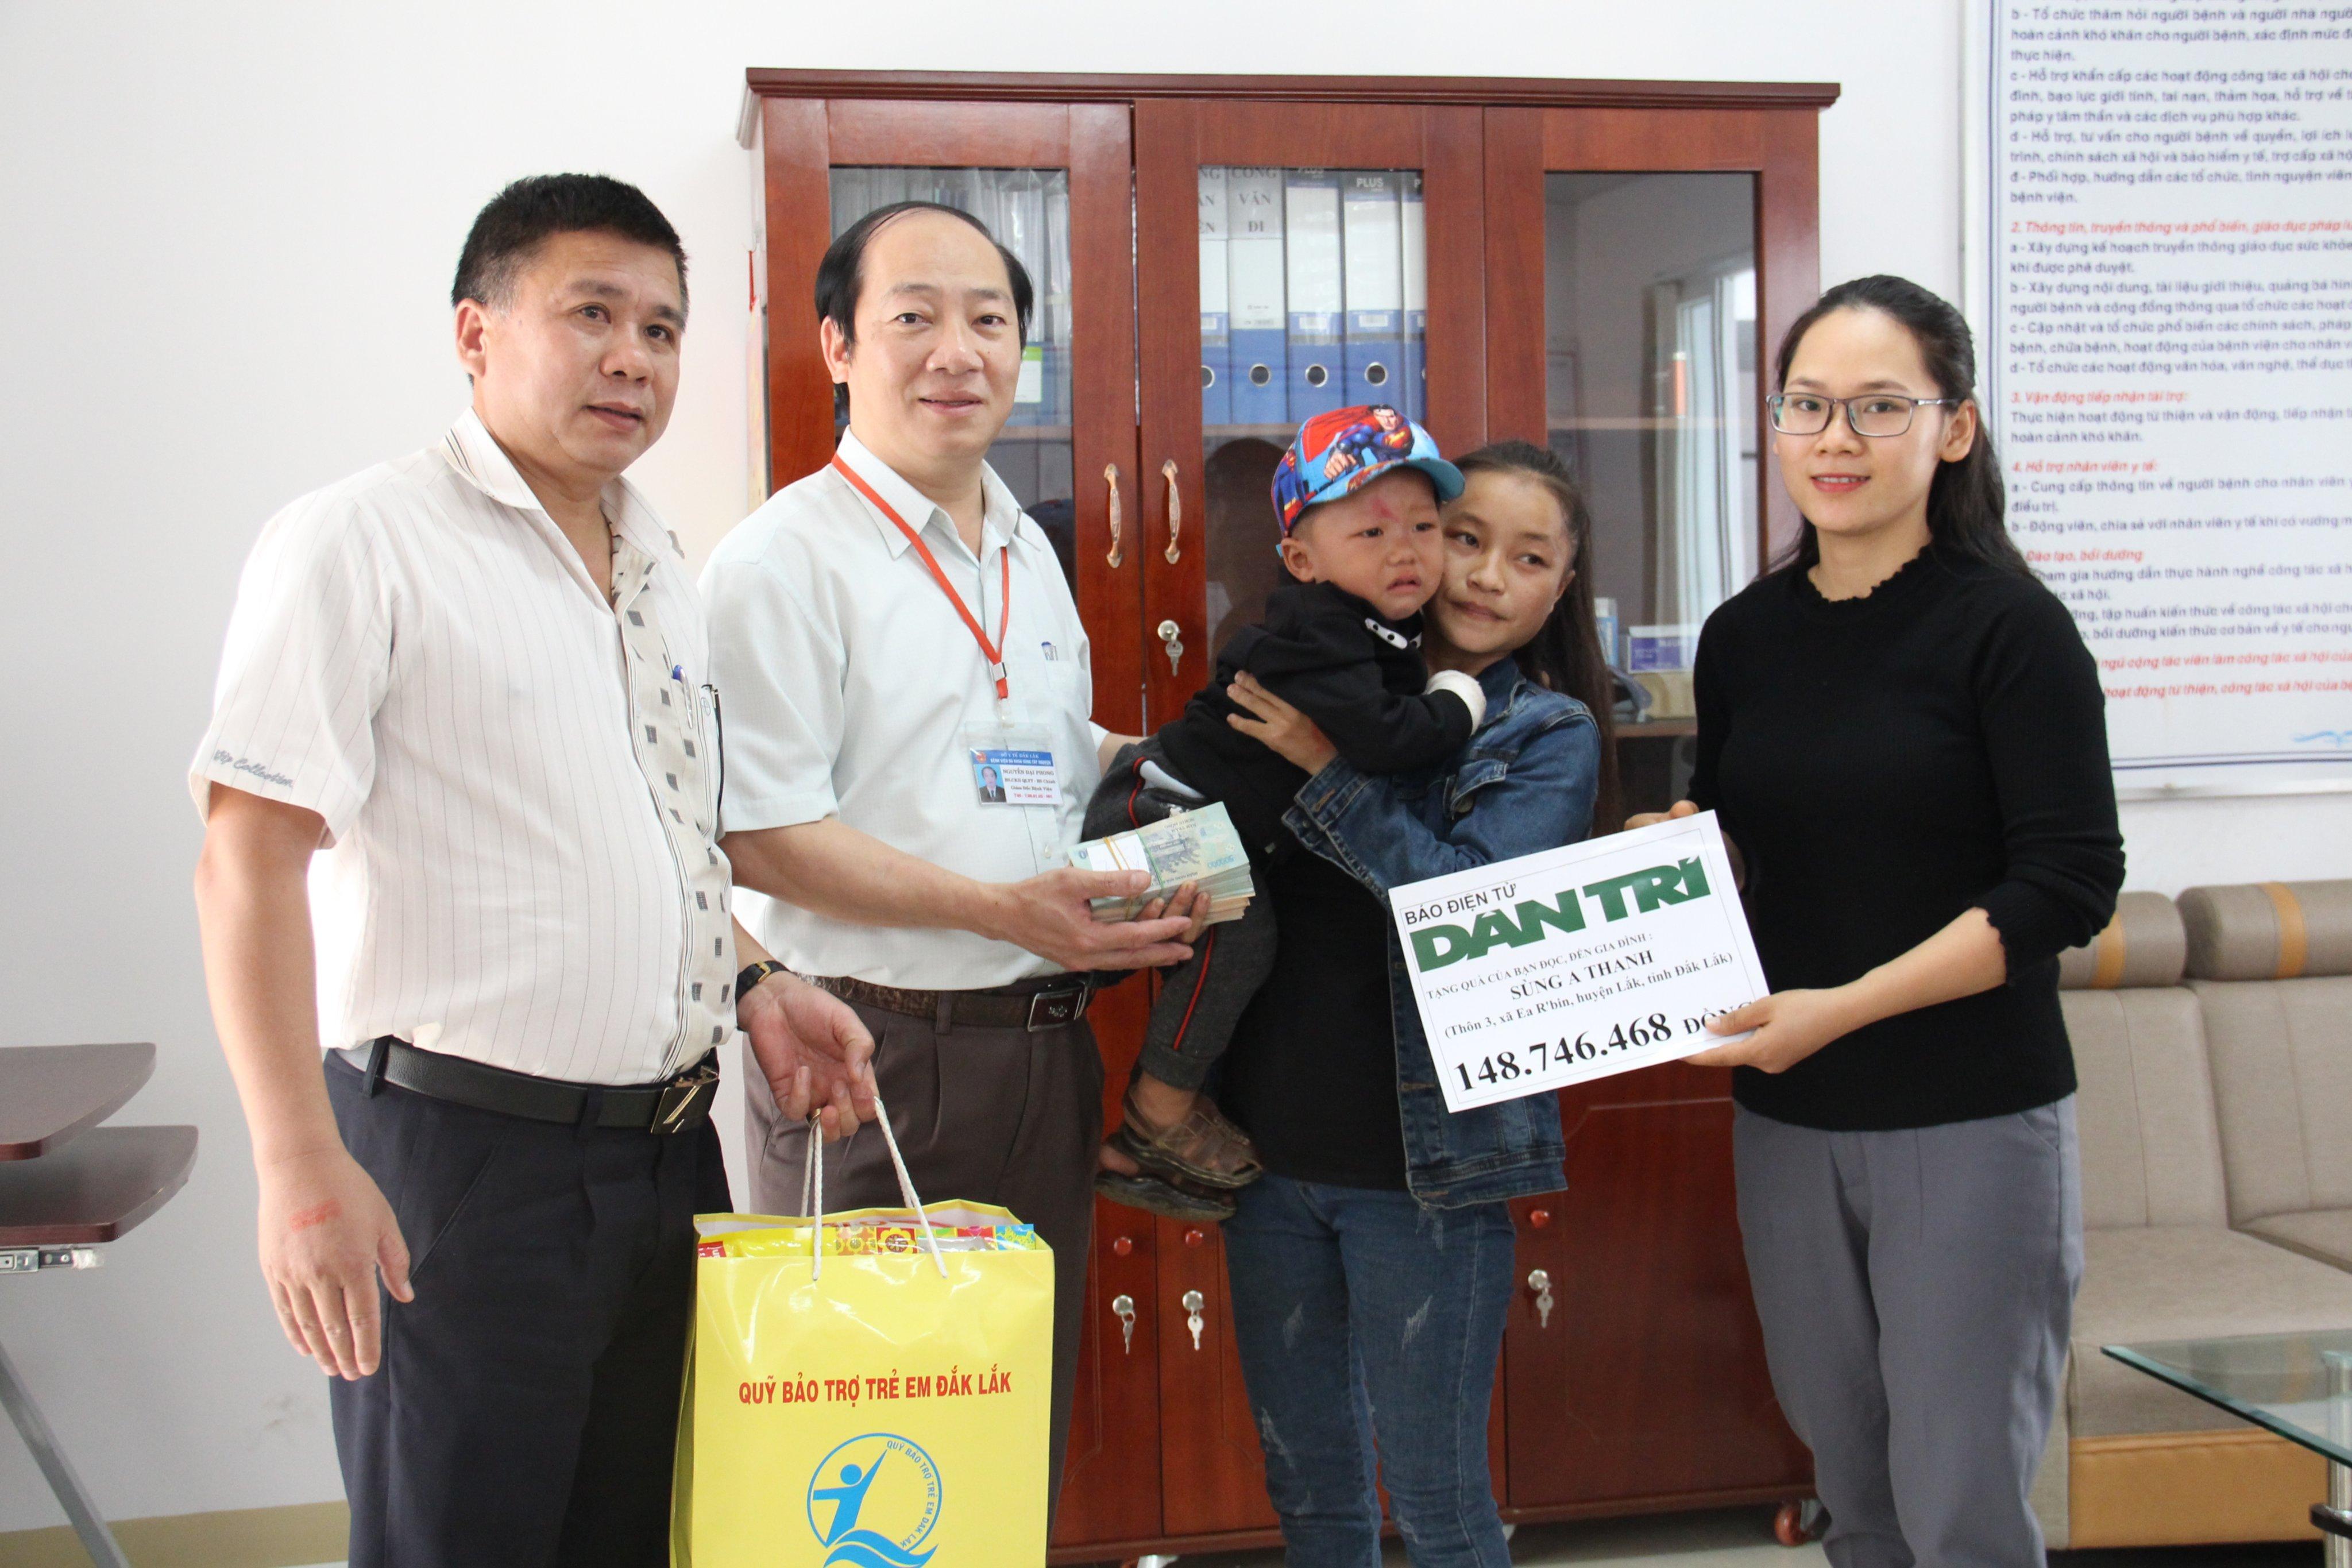 Bạn đọc giúp trên 148 triệu đồng cứu giúp bé trai 2 tuổi ở Đắk Lắk bị té vào bếp lửa